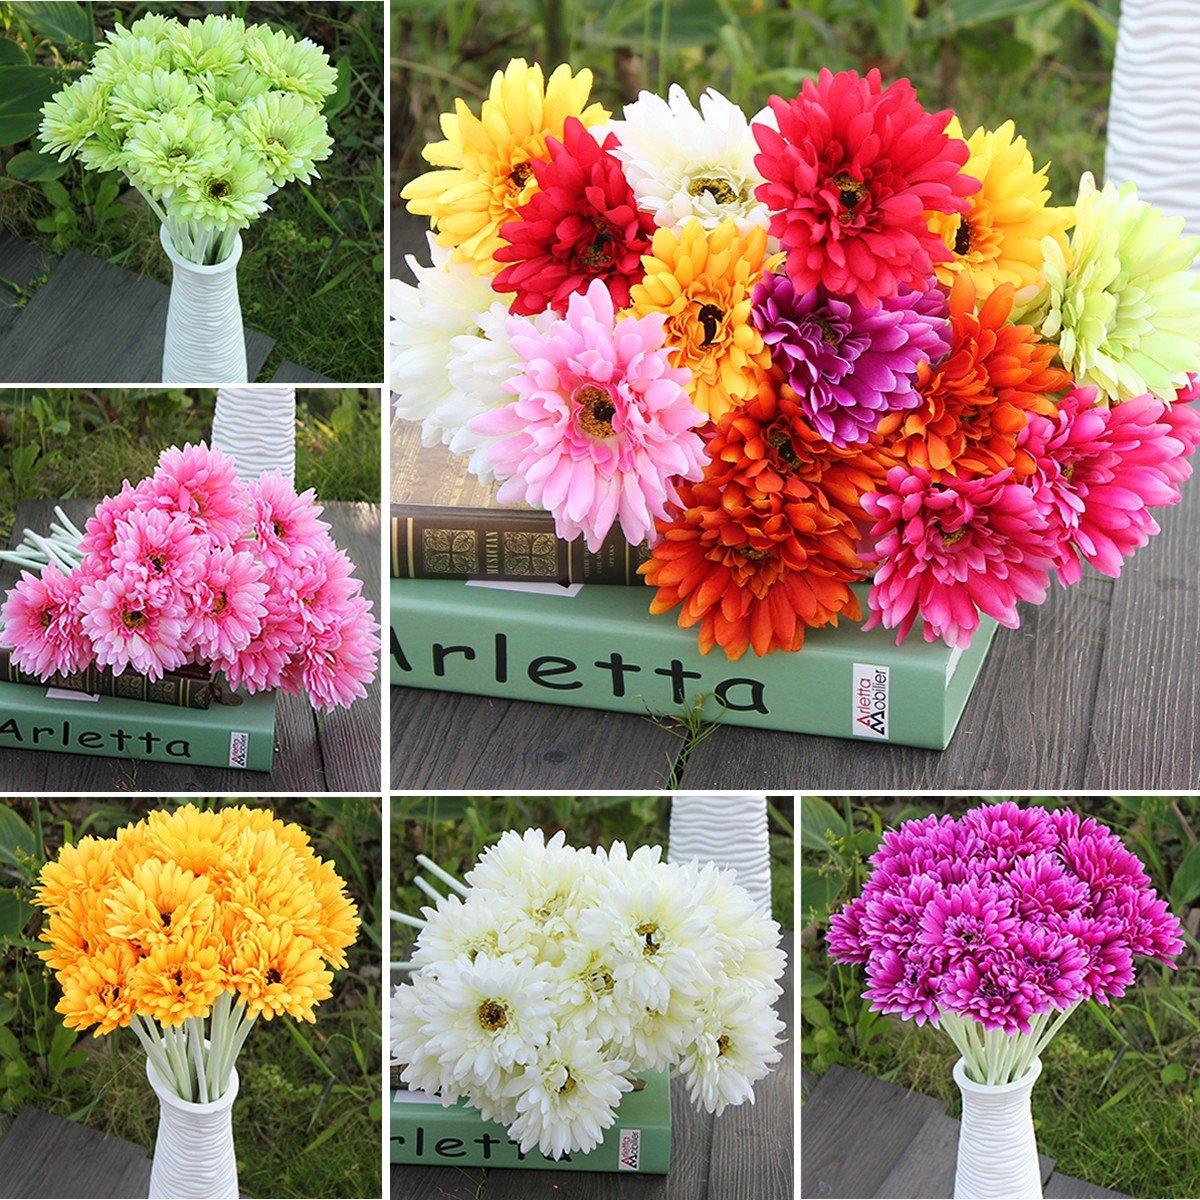 10PCS Sunbeam Gerbera Artificial Flower Daisy Bridal Bouquet Wedding Party Home Decor